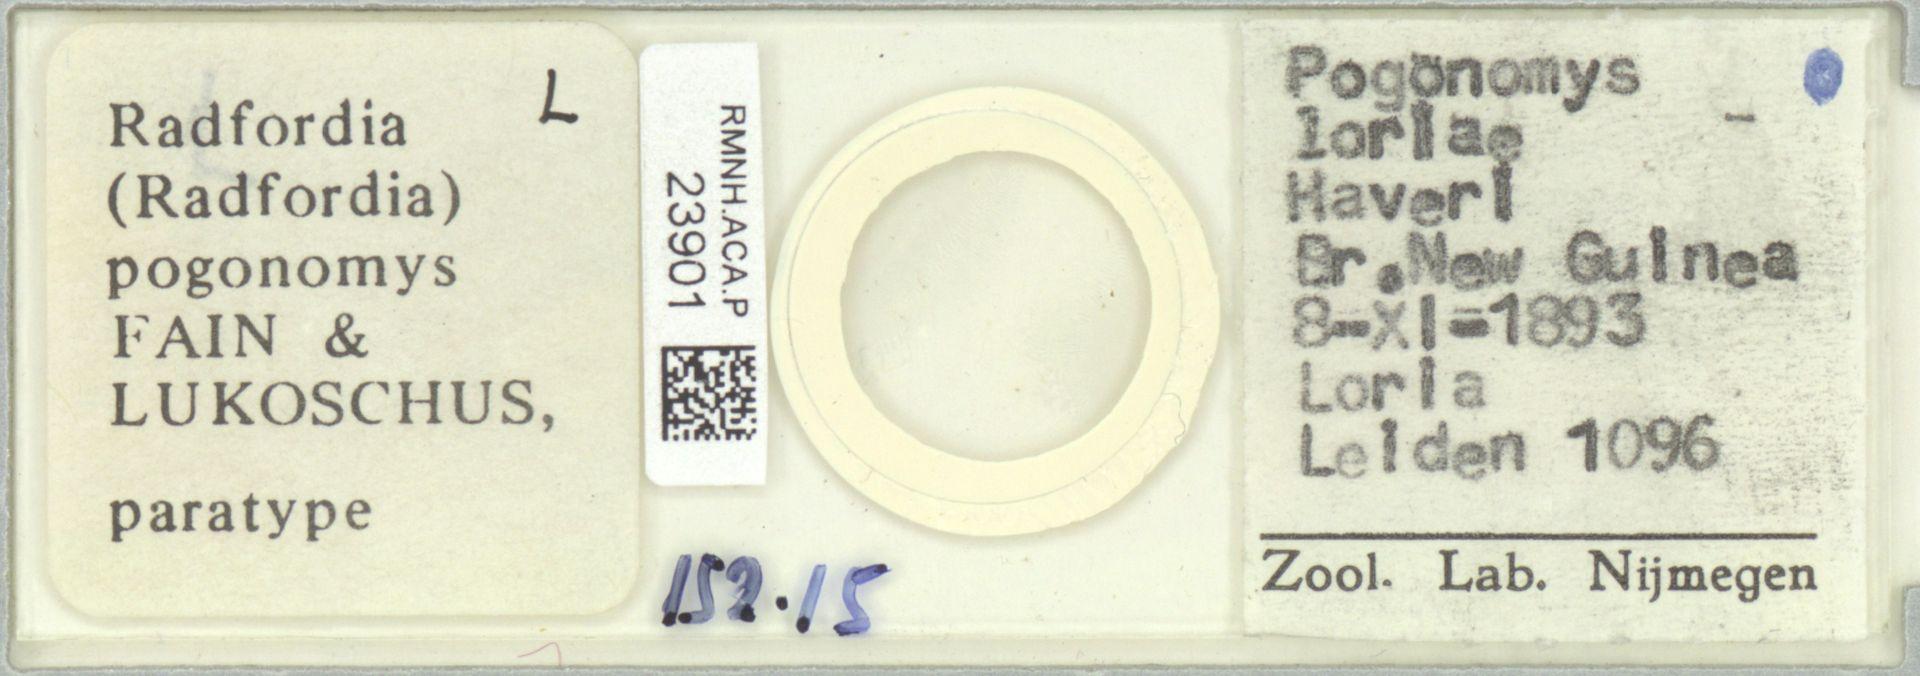 RMNH.ACA.P.23901 | Radfordia (Radfordia) pogonomys Fain & Lukoschus